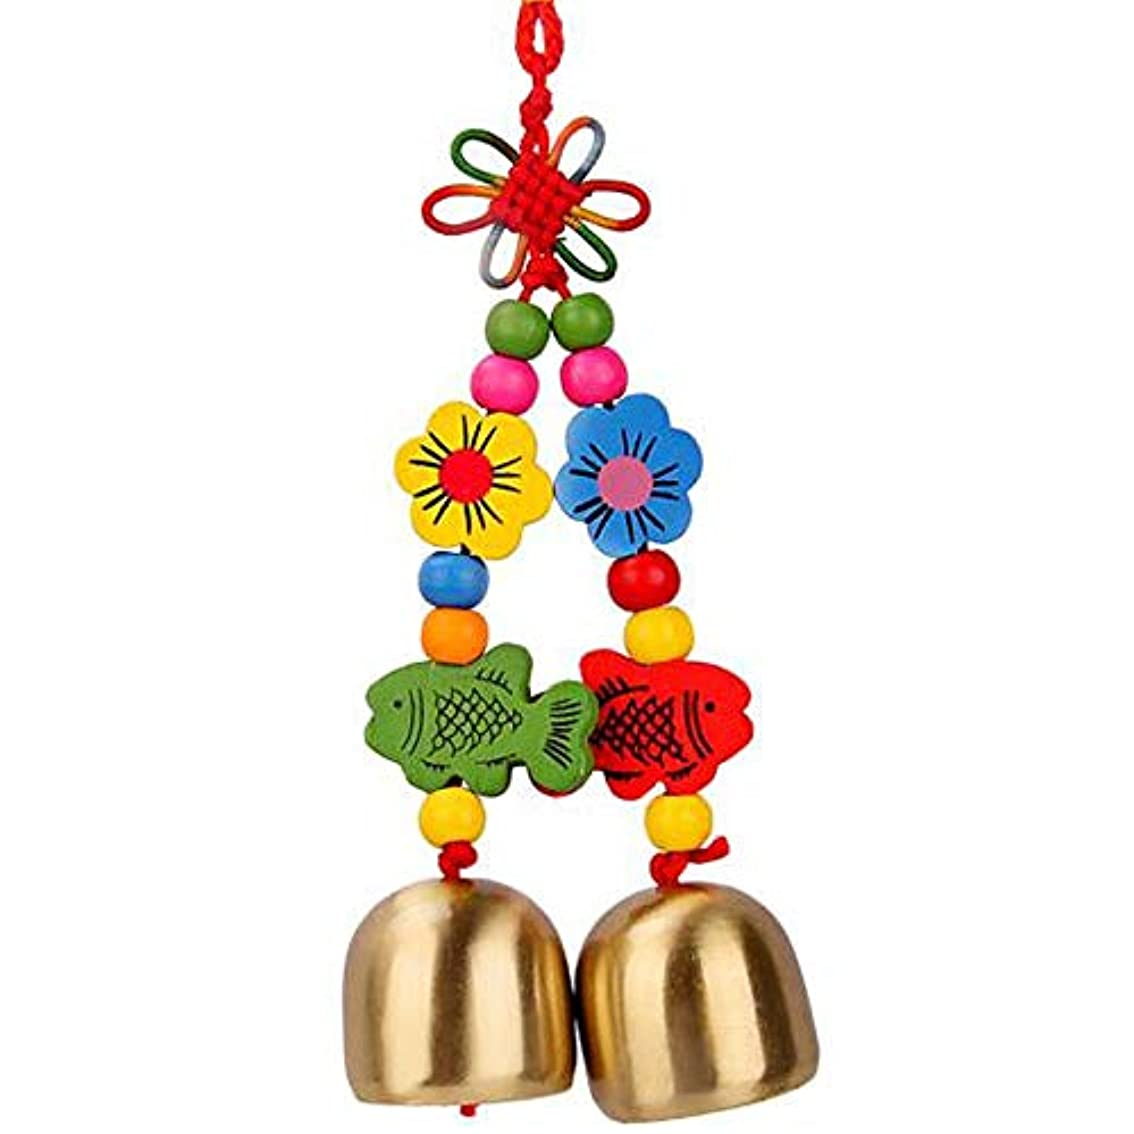 鎮痛剤吐く区別するKaiyitong01 風チャイム、中国のノット銅鐘ホーム車の装飾、ゴールド、全長約22CM,絶妙なファッション (Color : B)